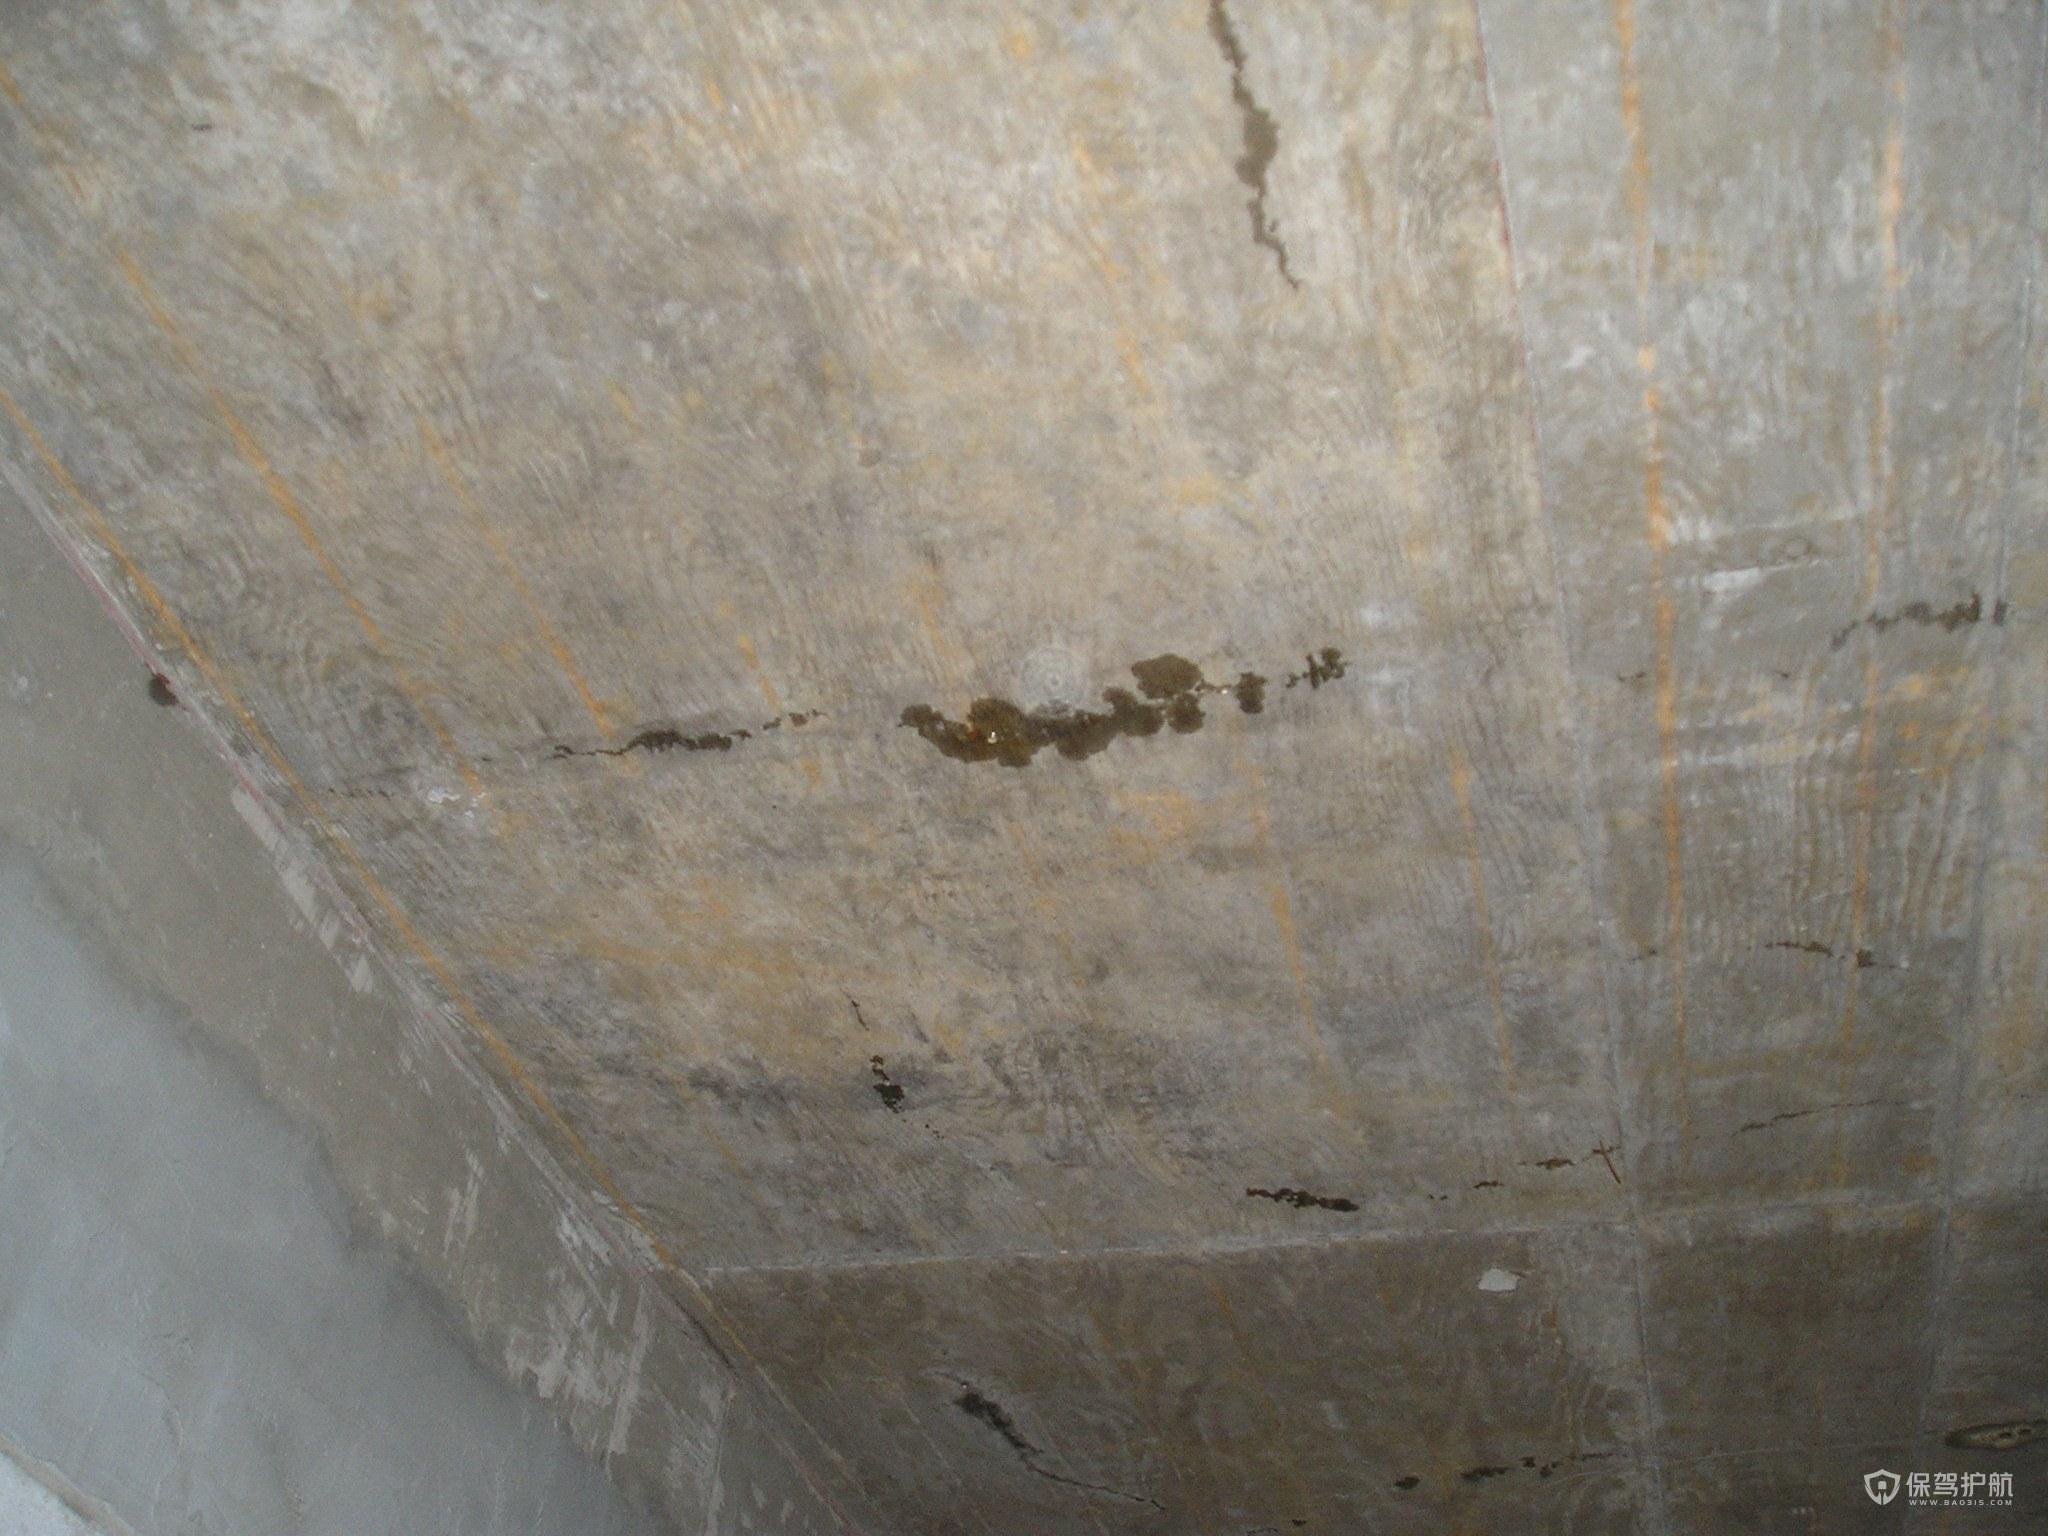 新房漏水了怎么办?楼板裂缝漏水处理方案